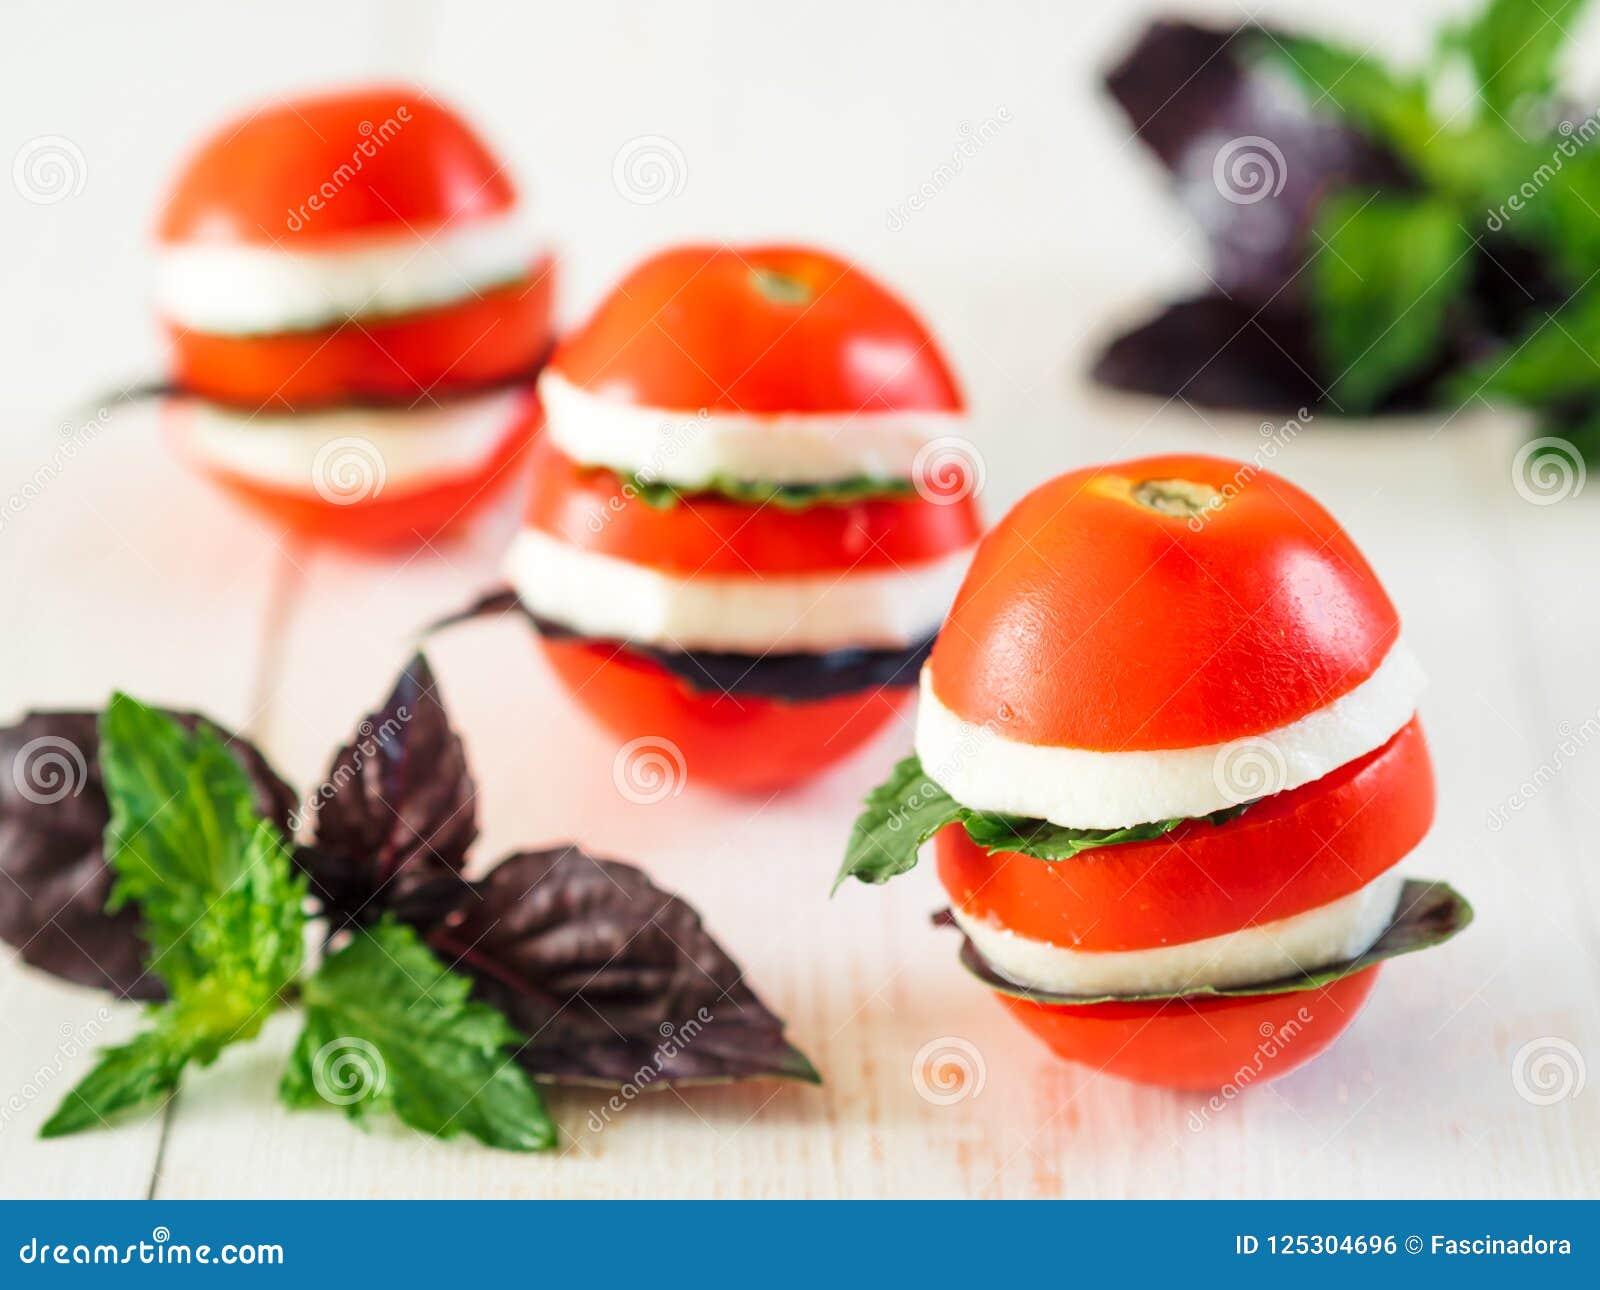 蕃茄和乳酪层状appetiezer